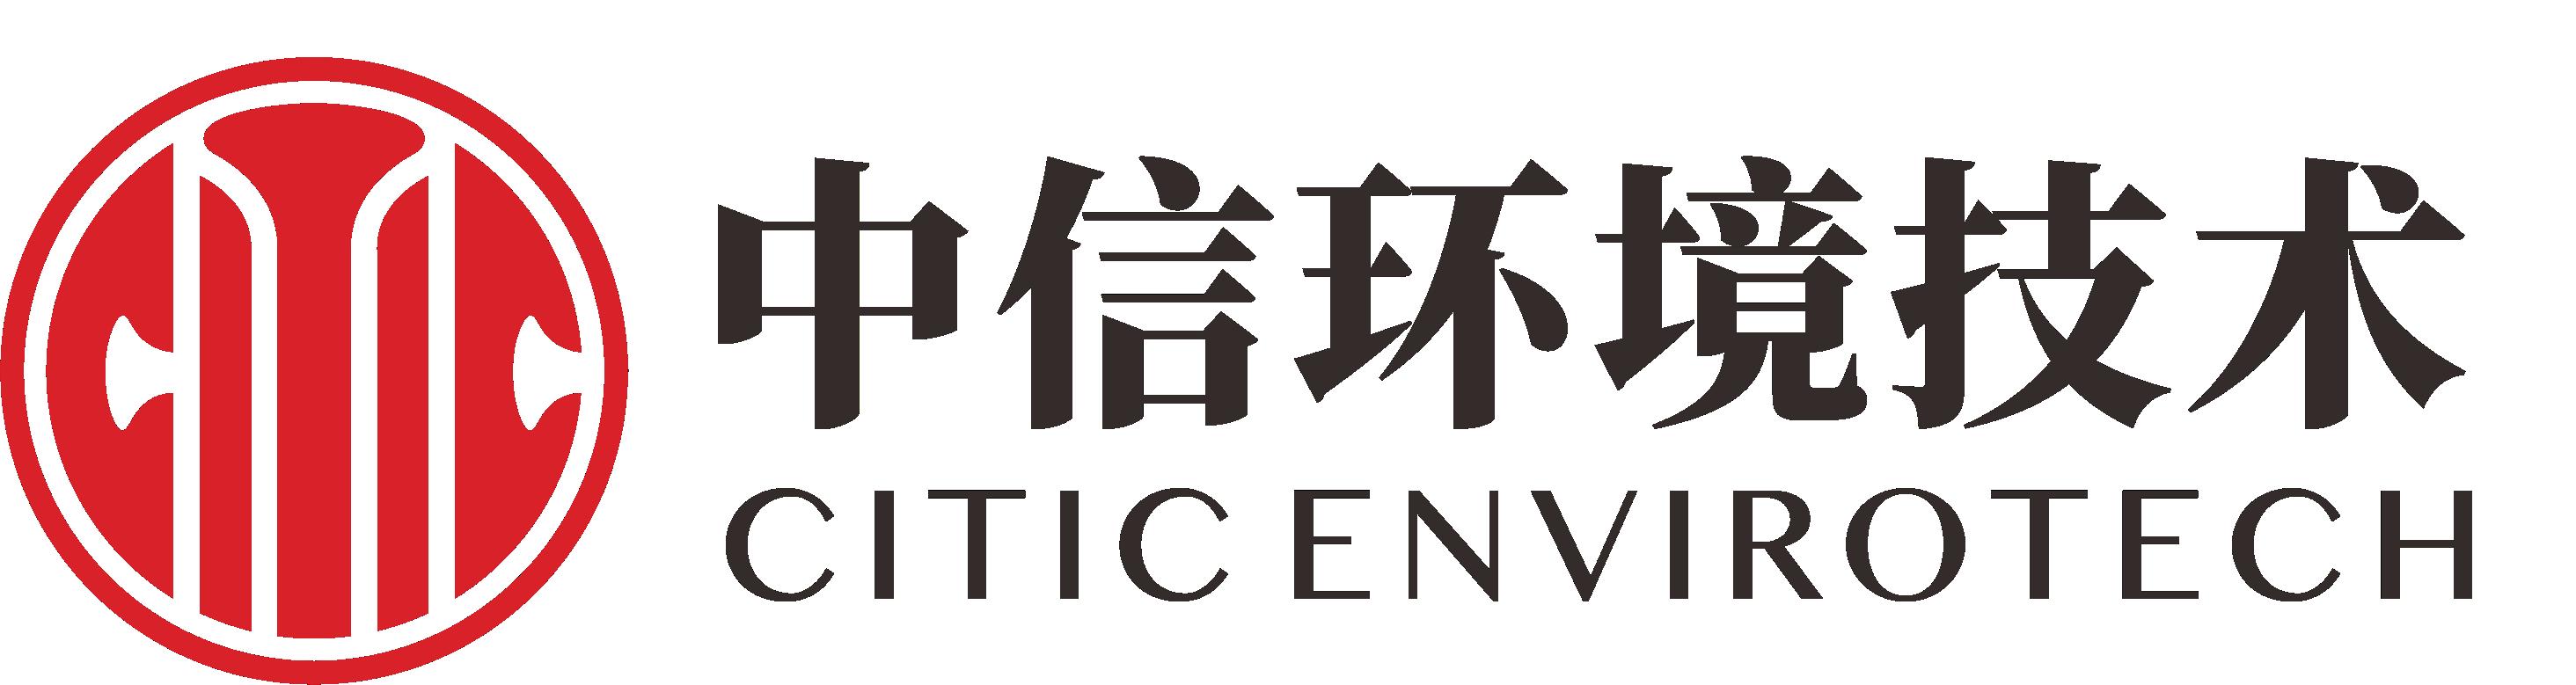 中信环境技术有限公司 Logo